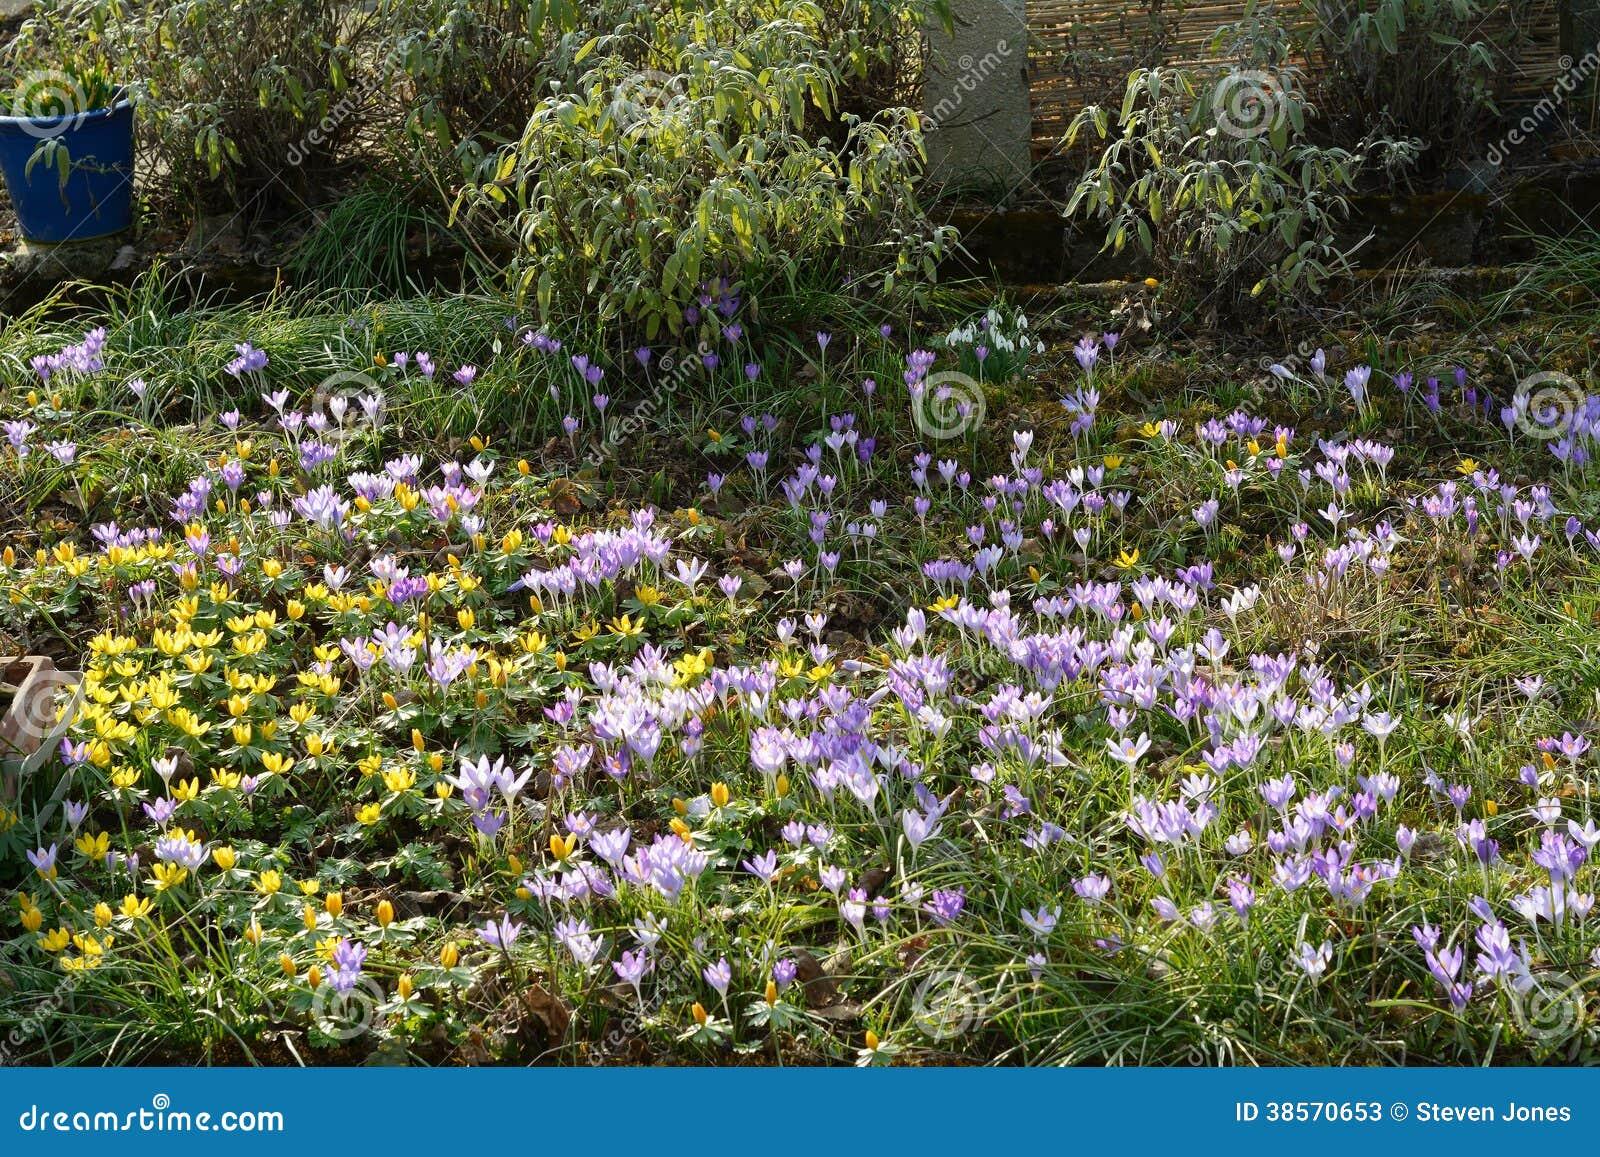 fleurs sauvages au printemps image stock image du sensible flore 38570653. Black Bedroom Furniture Sets. Home Design Ideas